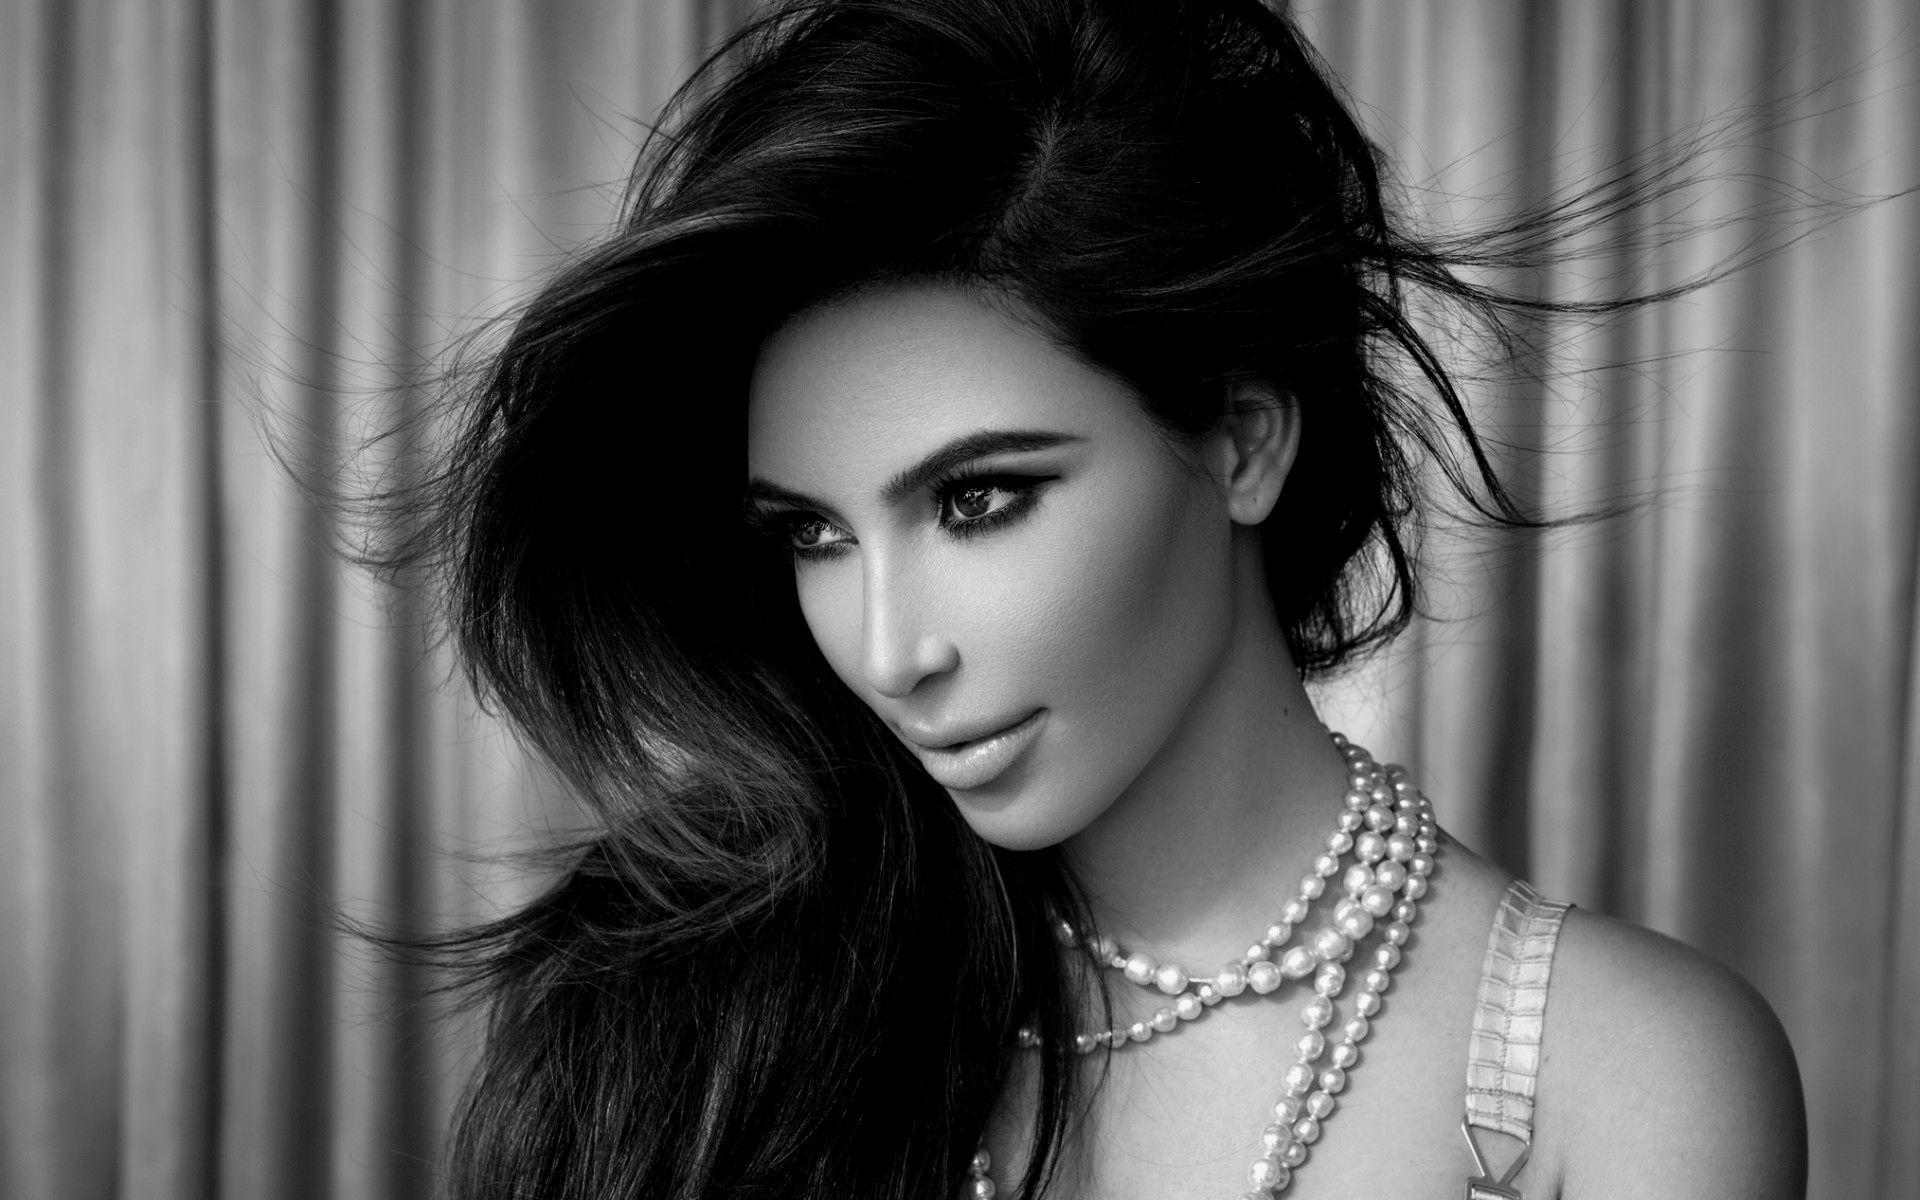 kim kardashian desktop wallpaper - photo #17